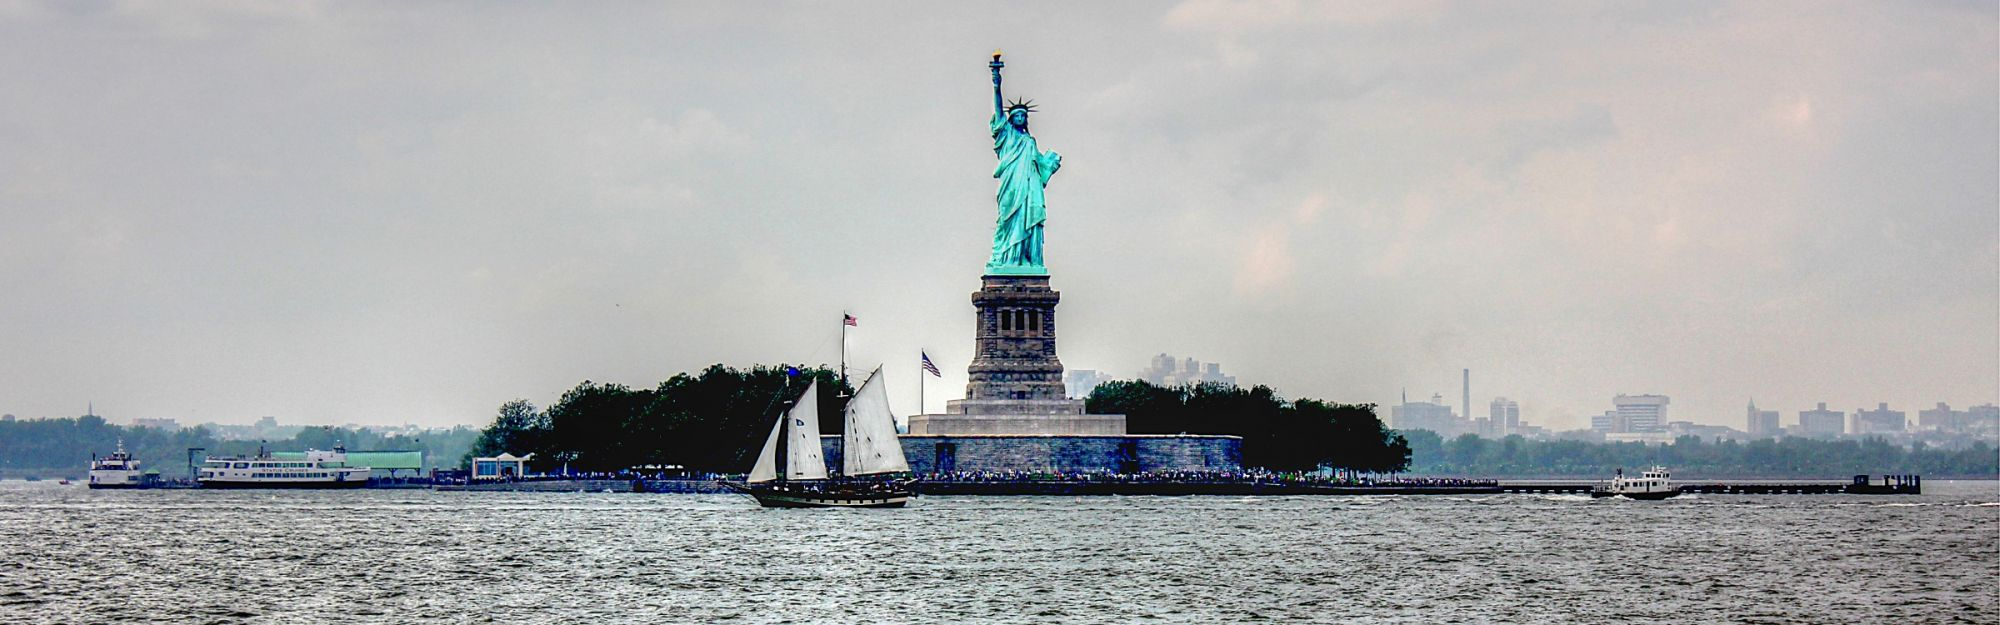 Was sind die besten Sehenswürdigkeiten in New York?